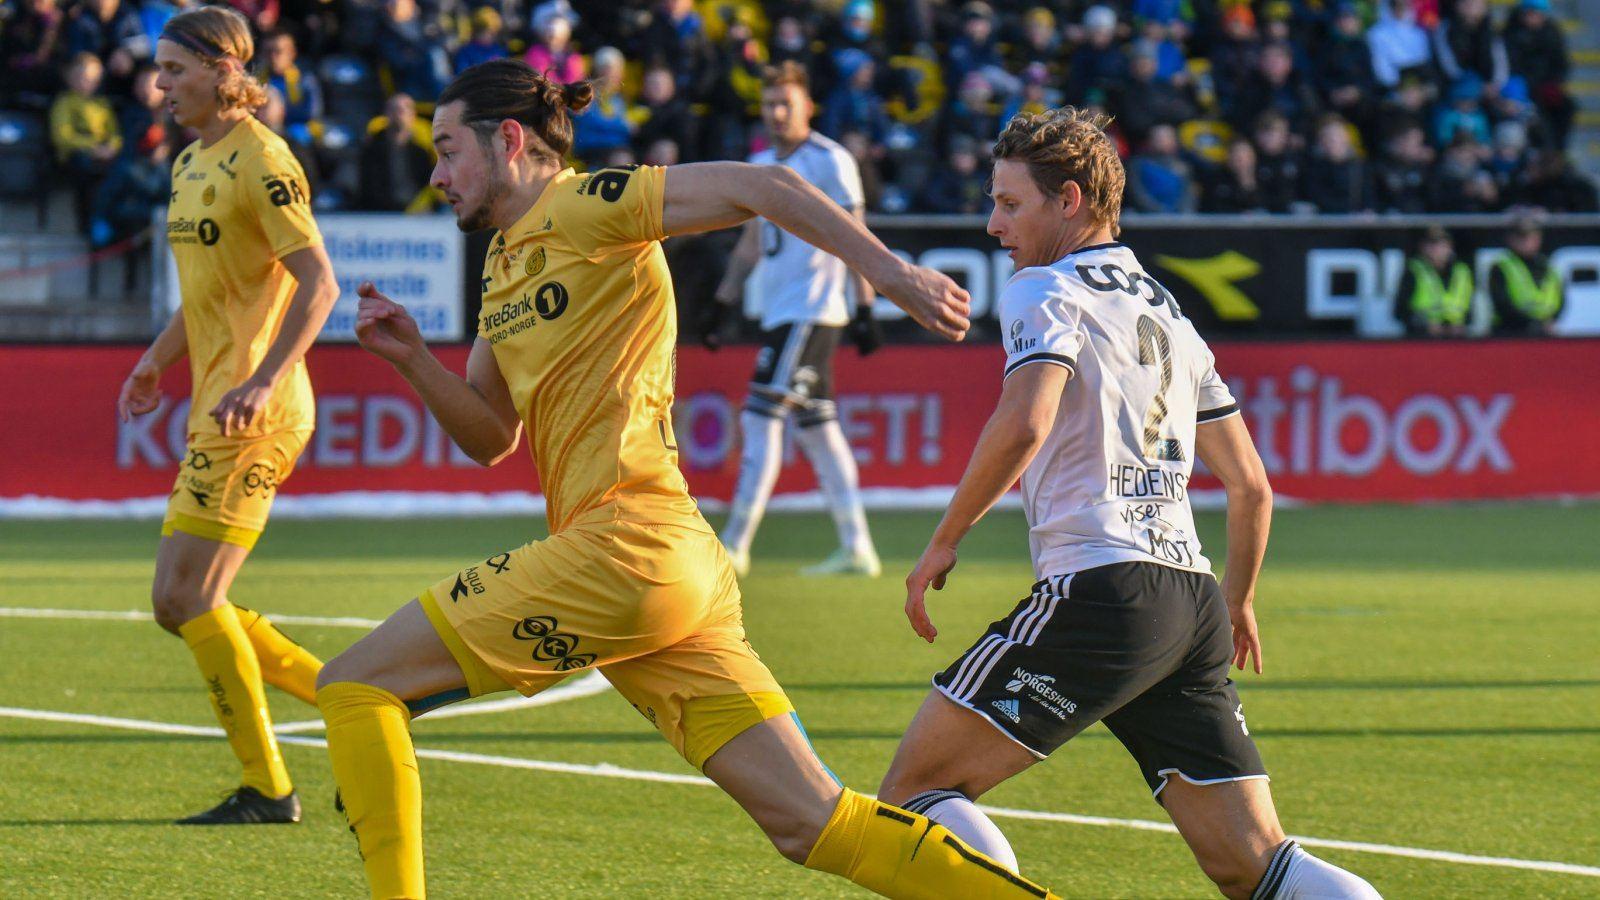 Cliftonville-vs-Haugesund-Noi-dai-mach-bat-bai-01h45-ngay-12-7-giai-vo-dich-cac-CLB-chau-Au-UEFA-Europa-League-2